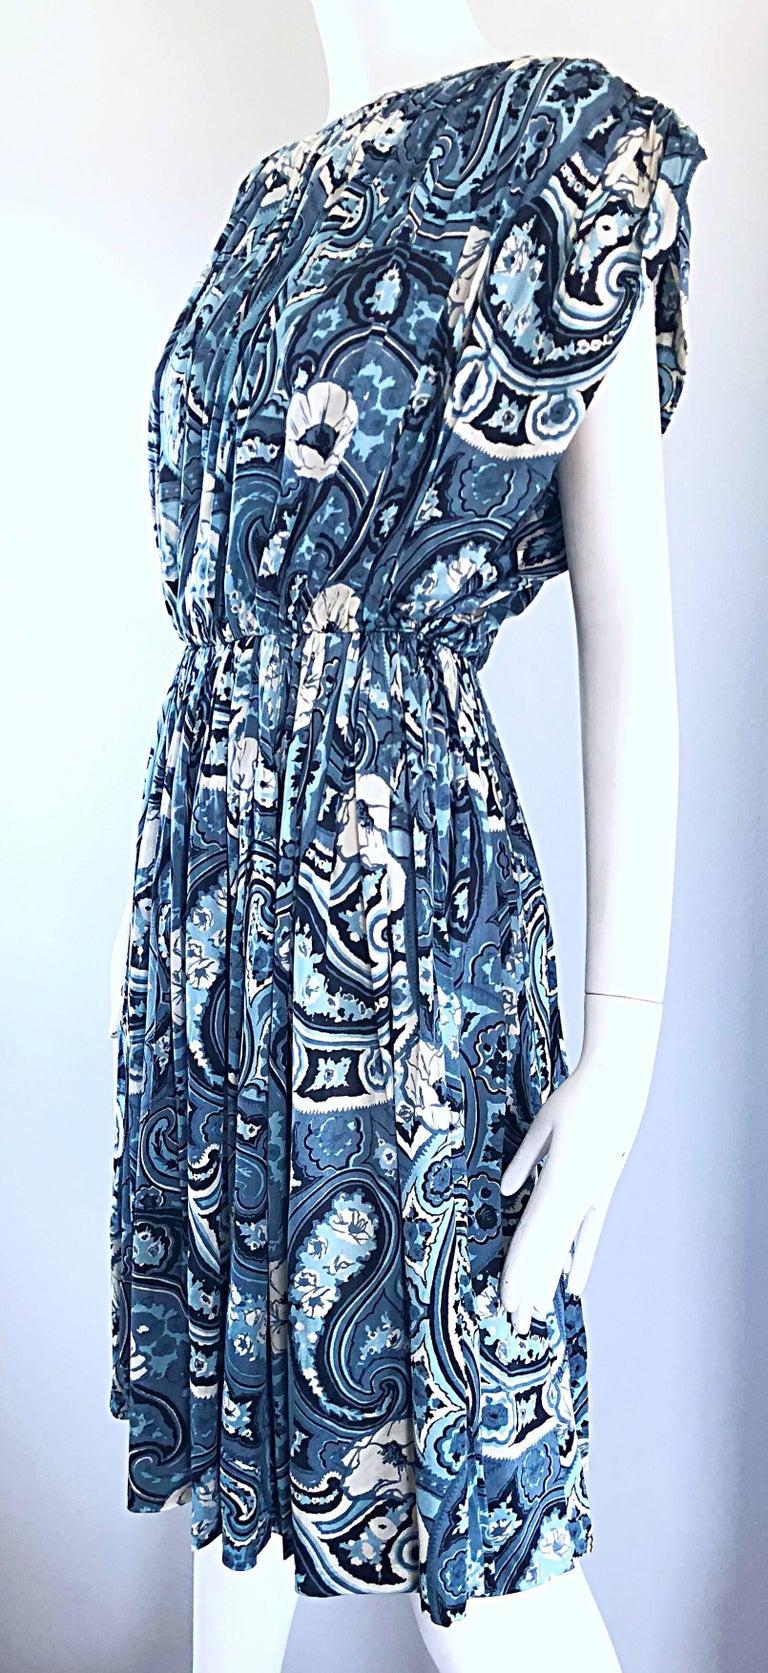 Purple Rare 1950s Townley Blue + White Paisley Flower Print Vintage 50s Dress For Sale